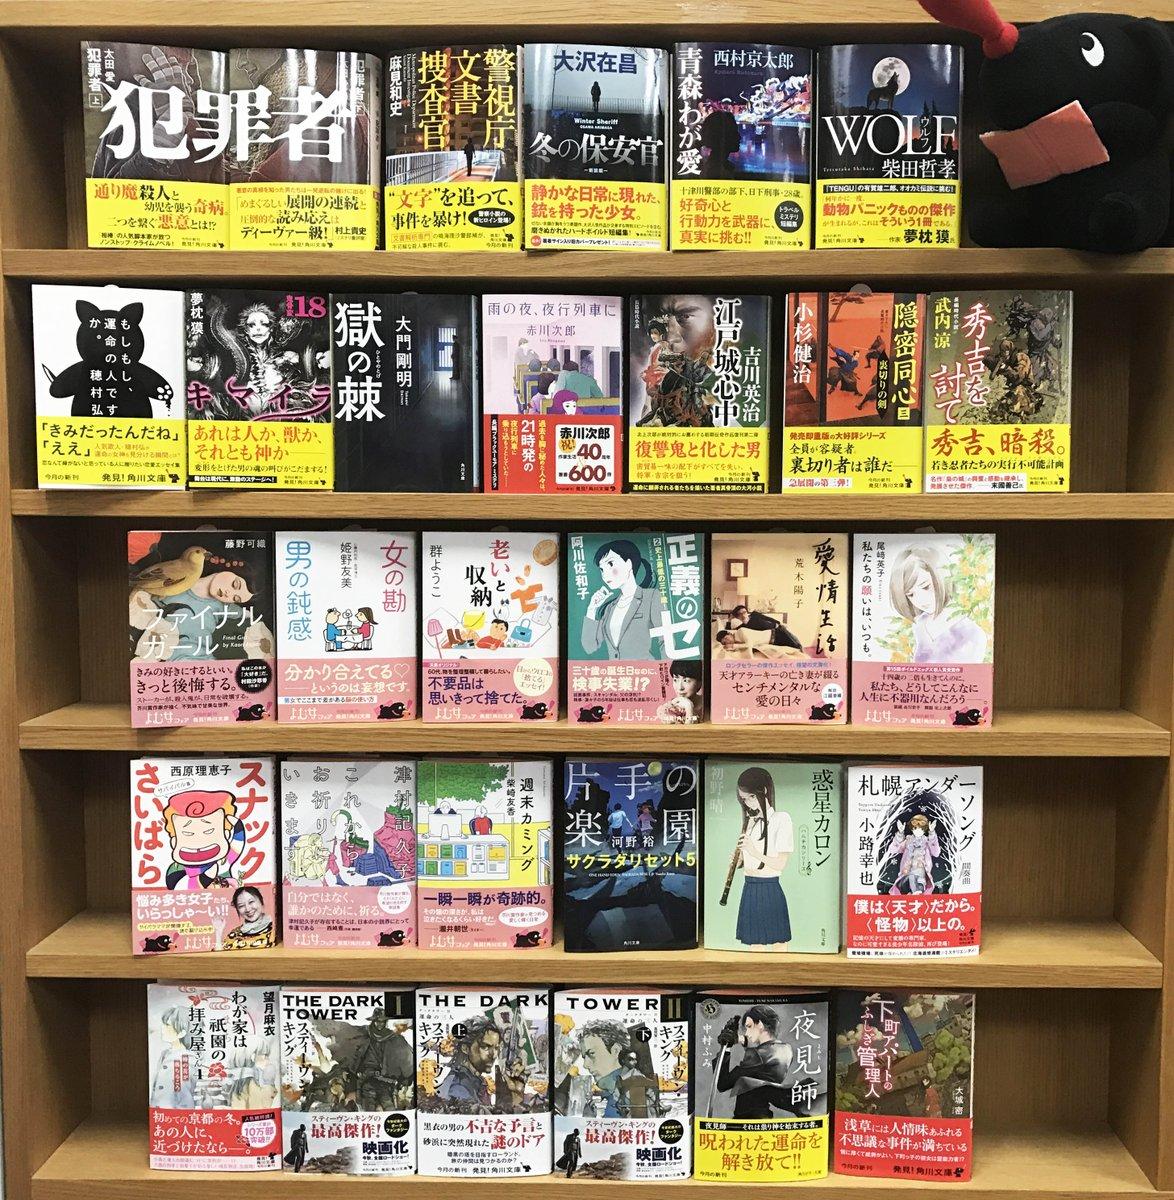 【1月新刊25日発売!】今月は読む女フェア開催中! 阿川佐和子さんの人気シリーズ『正義のセ』の2巻目や、文庫書き下ろしの